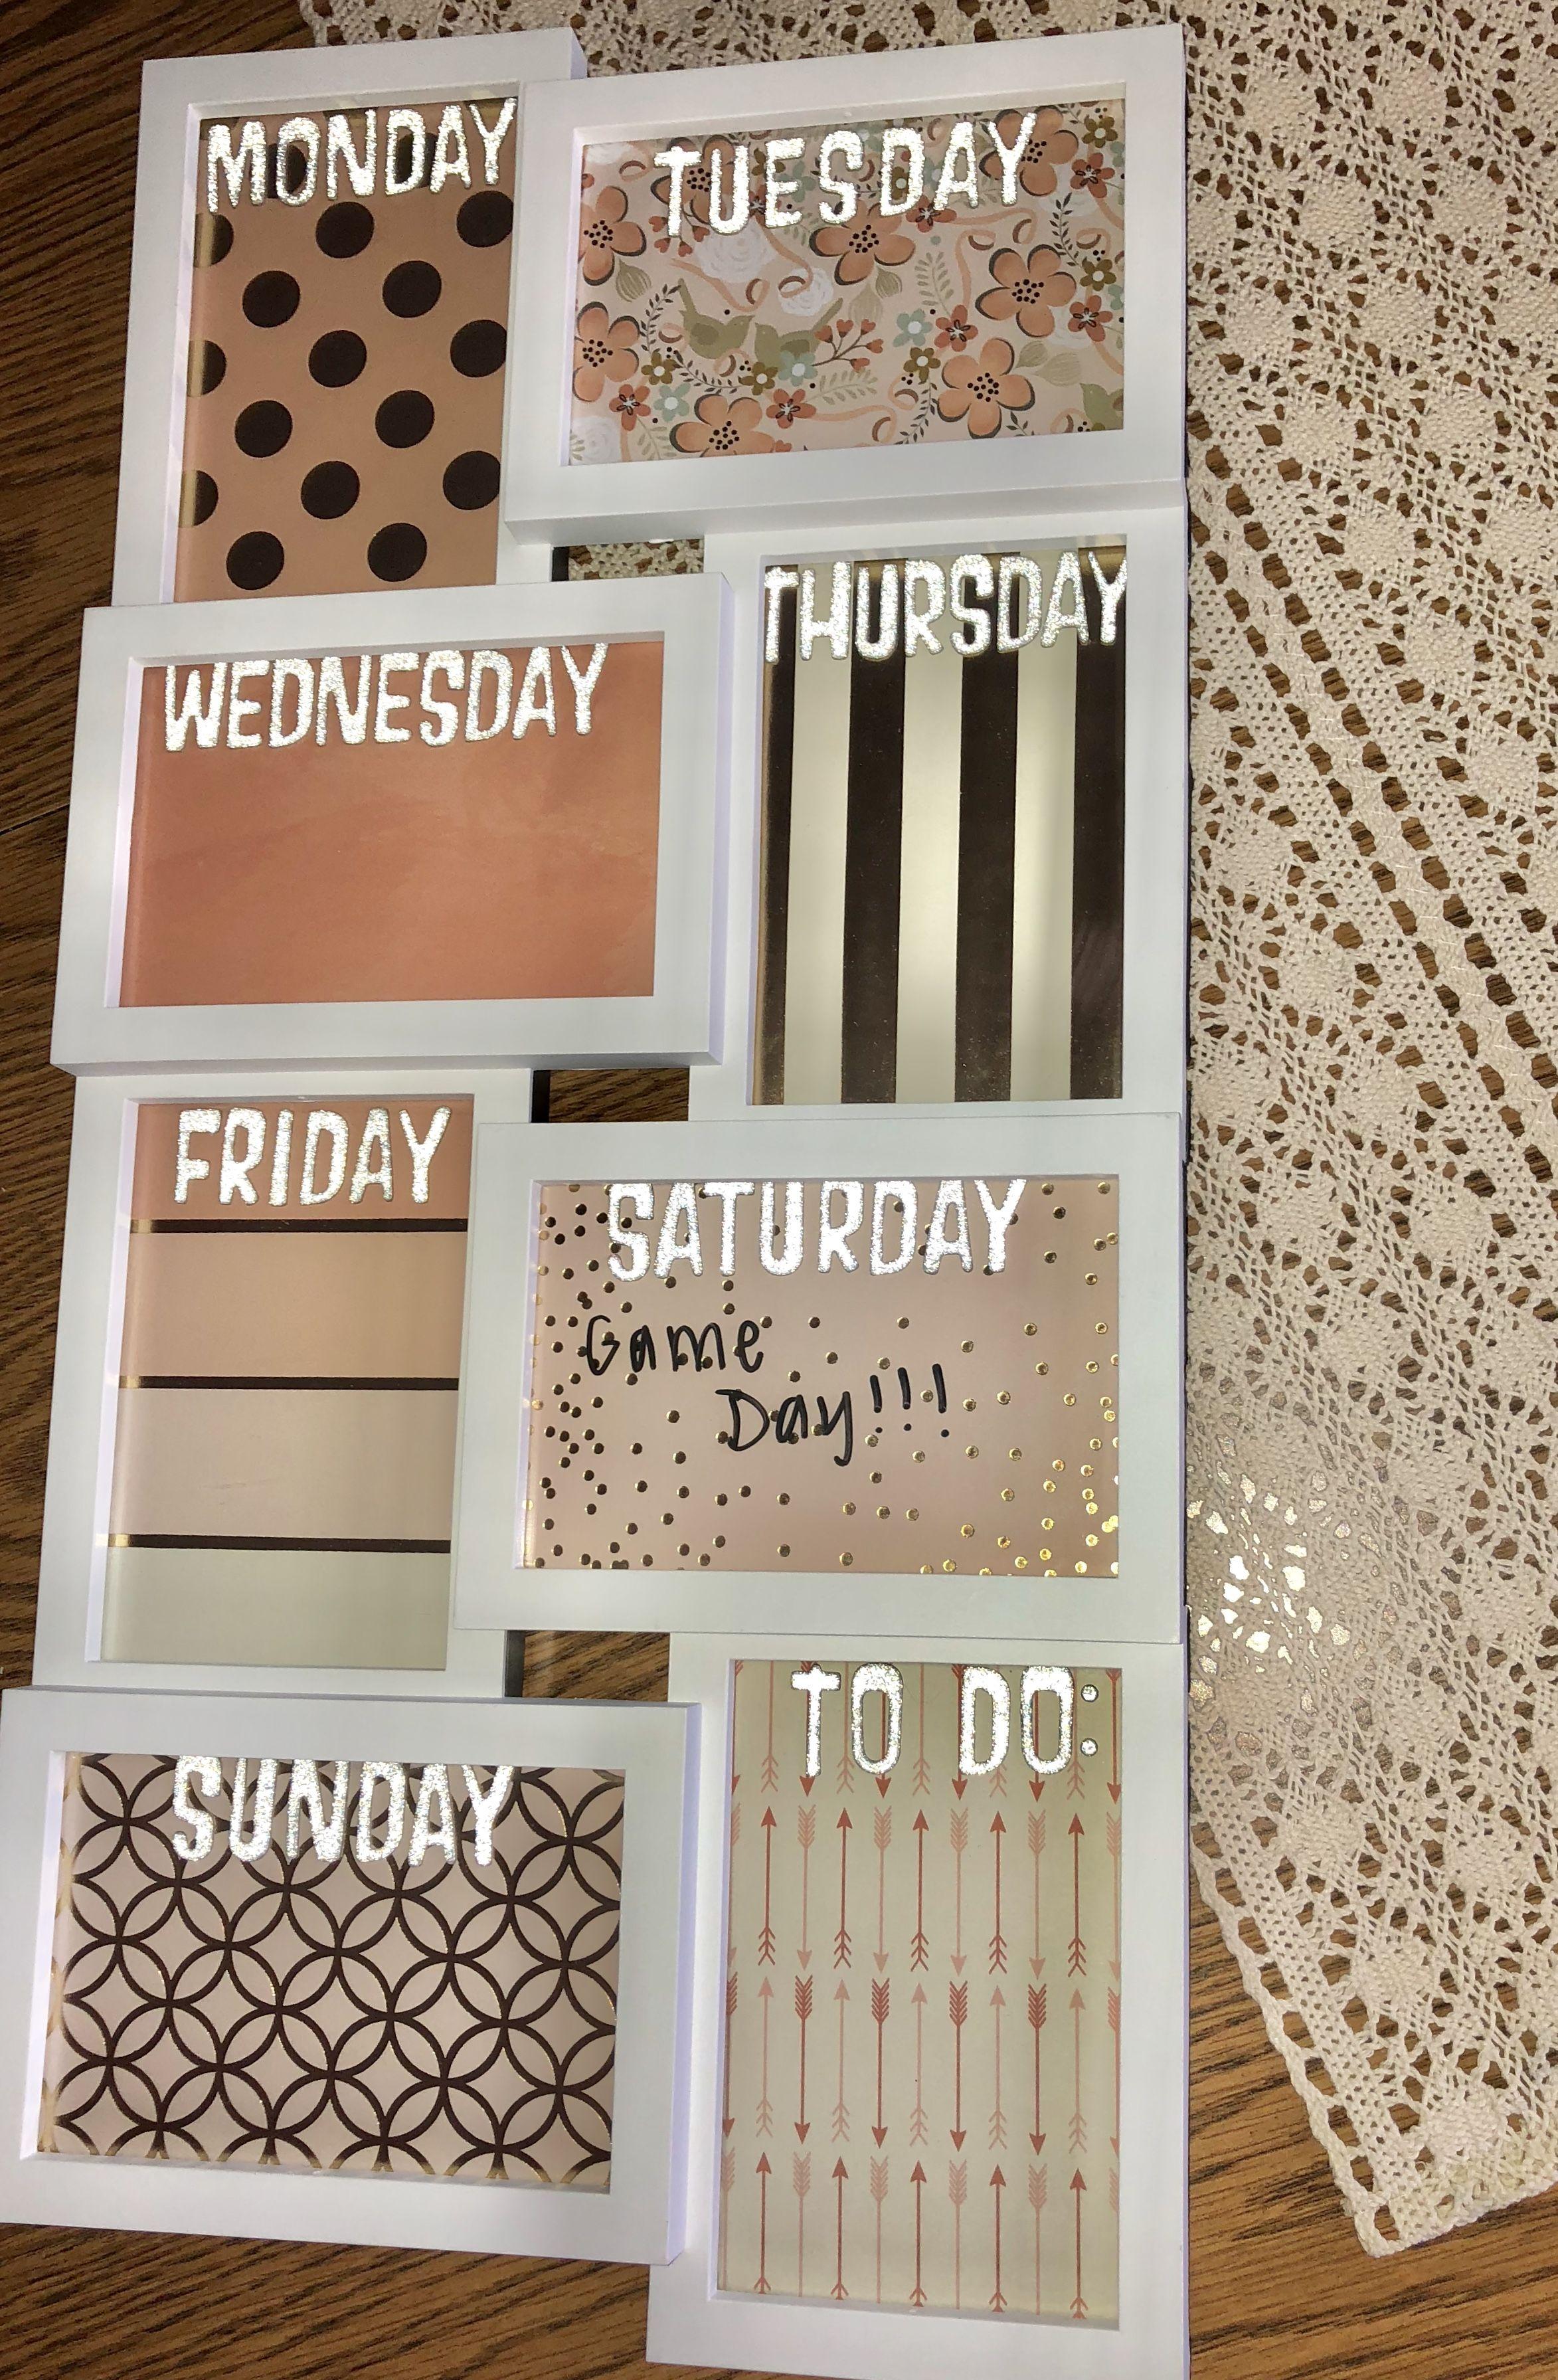 Diy Weekly Memo Board For Dorm Room Diy Room Decor For College Diy Memo Board Memo Board